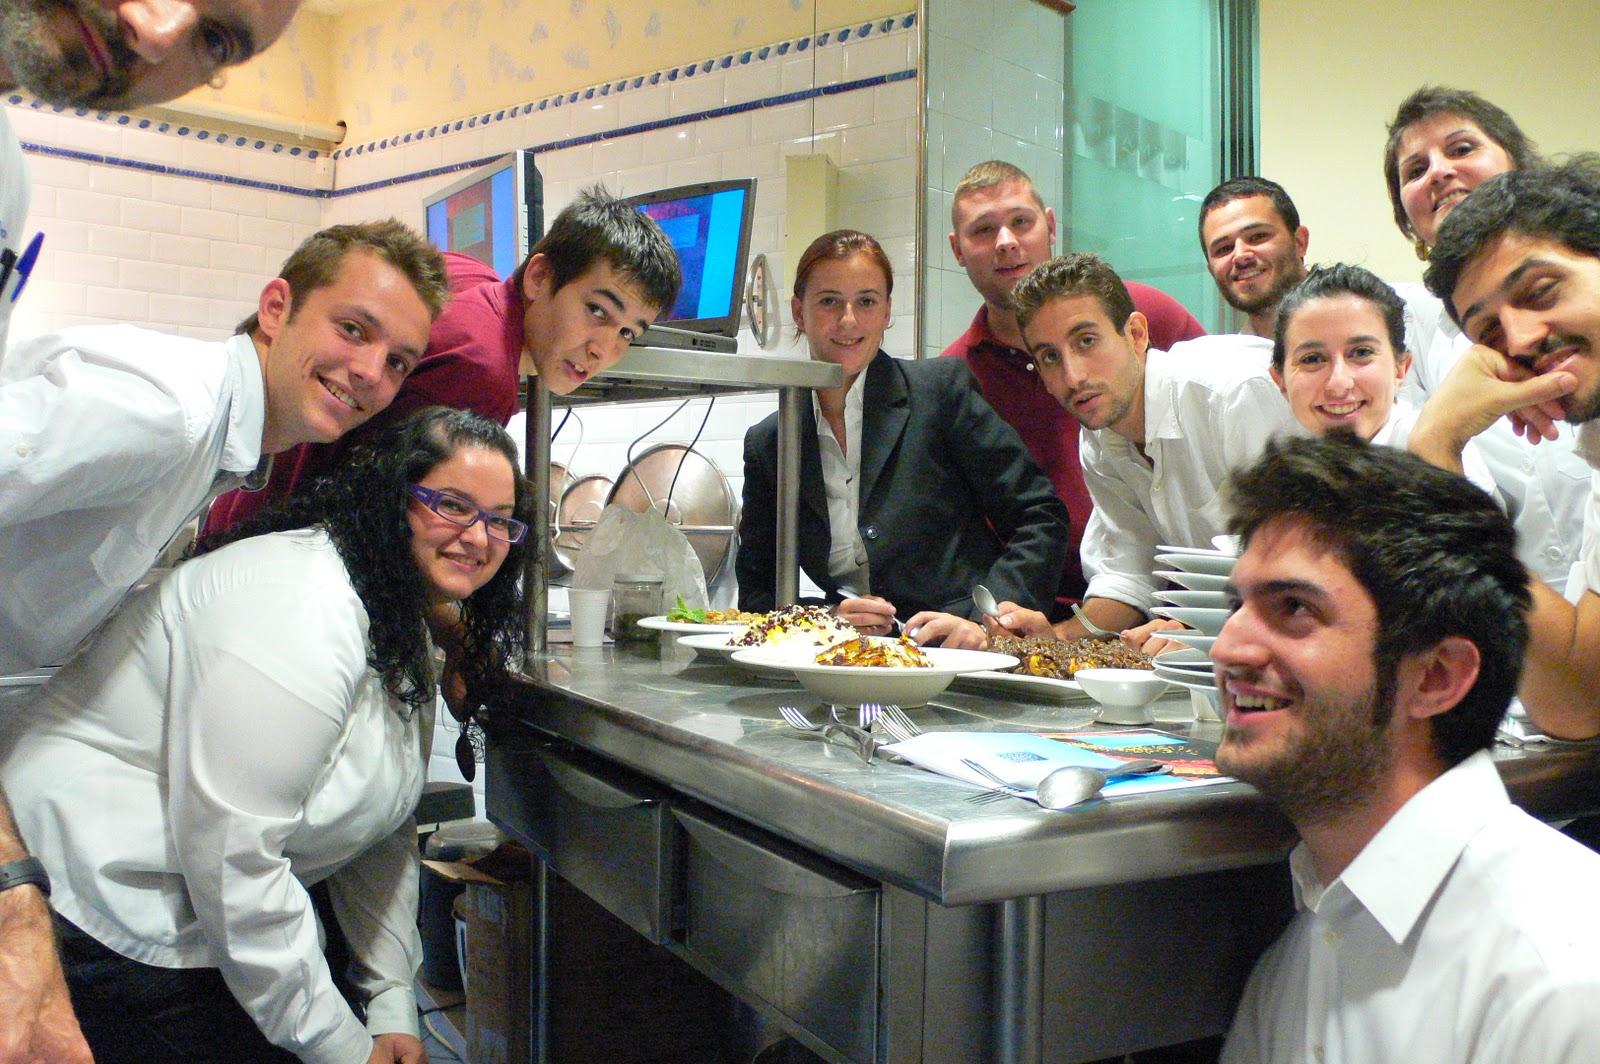 Pasi n viajera de ana m briongos costumbres gastron micas - Escuela cocina barcelona ...